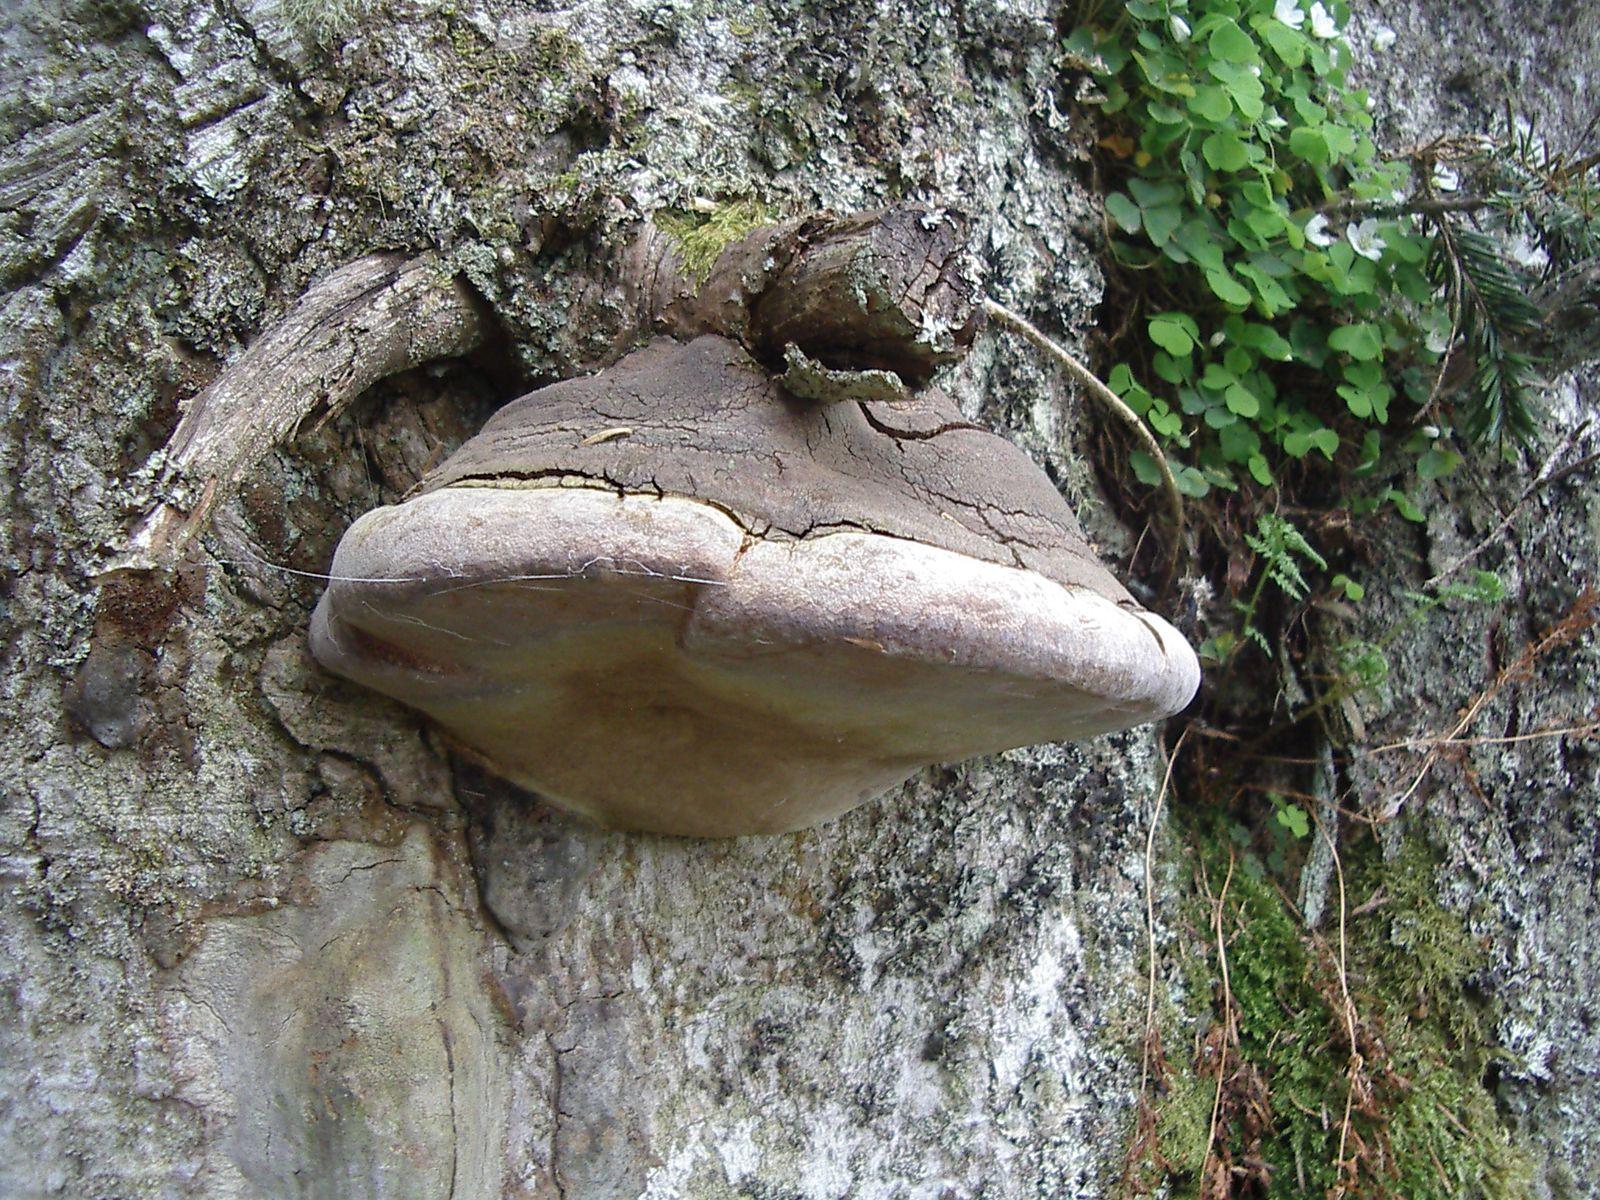 Retour la croix de b liou la nature bigourdane au printemps lieux secrets du pays cathare - Champignon sur tronc d arbre ...